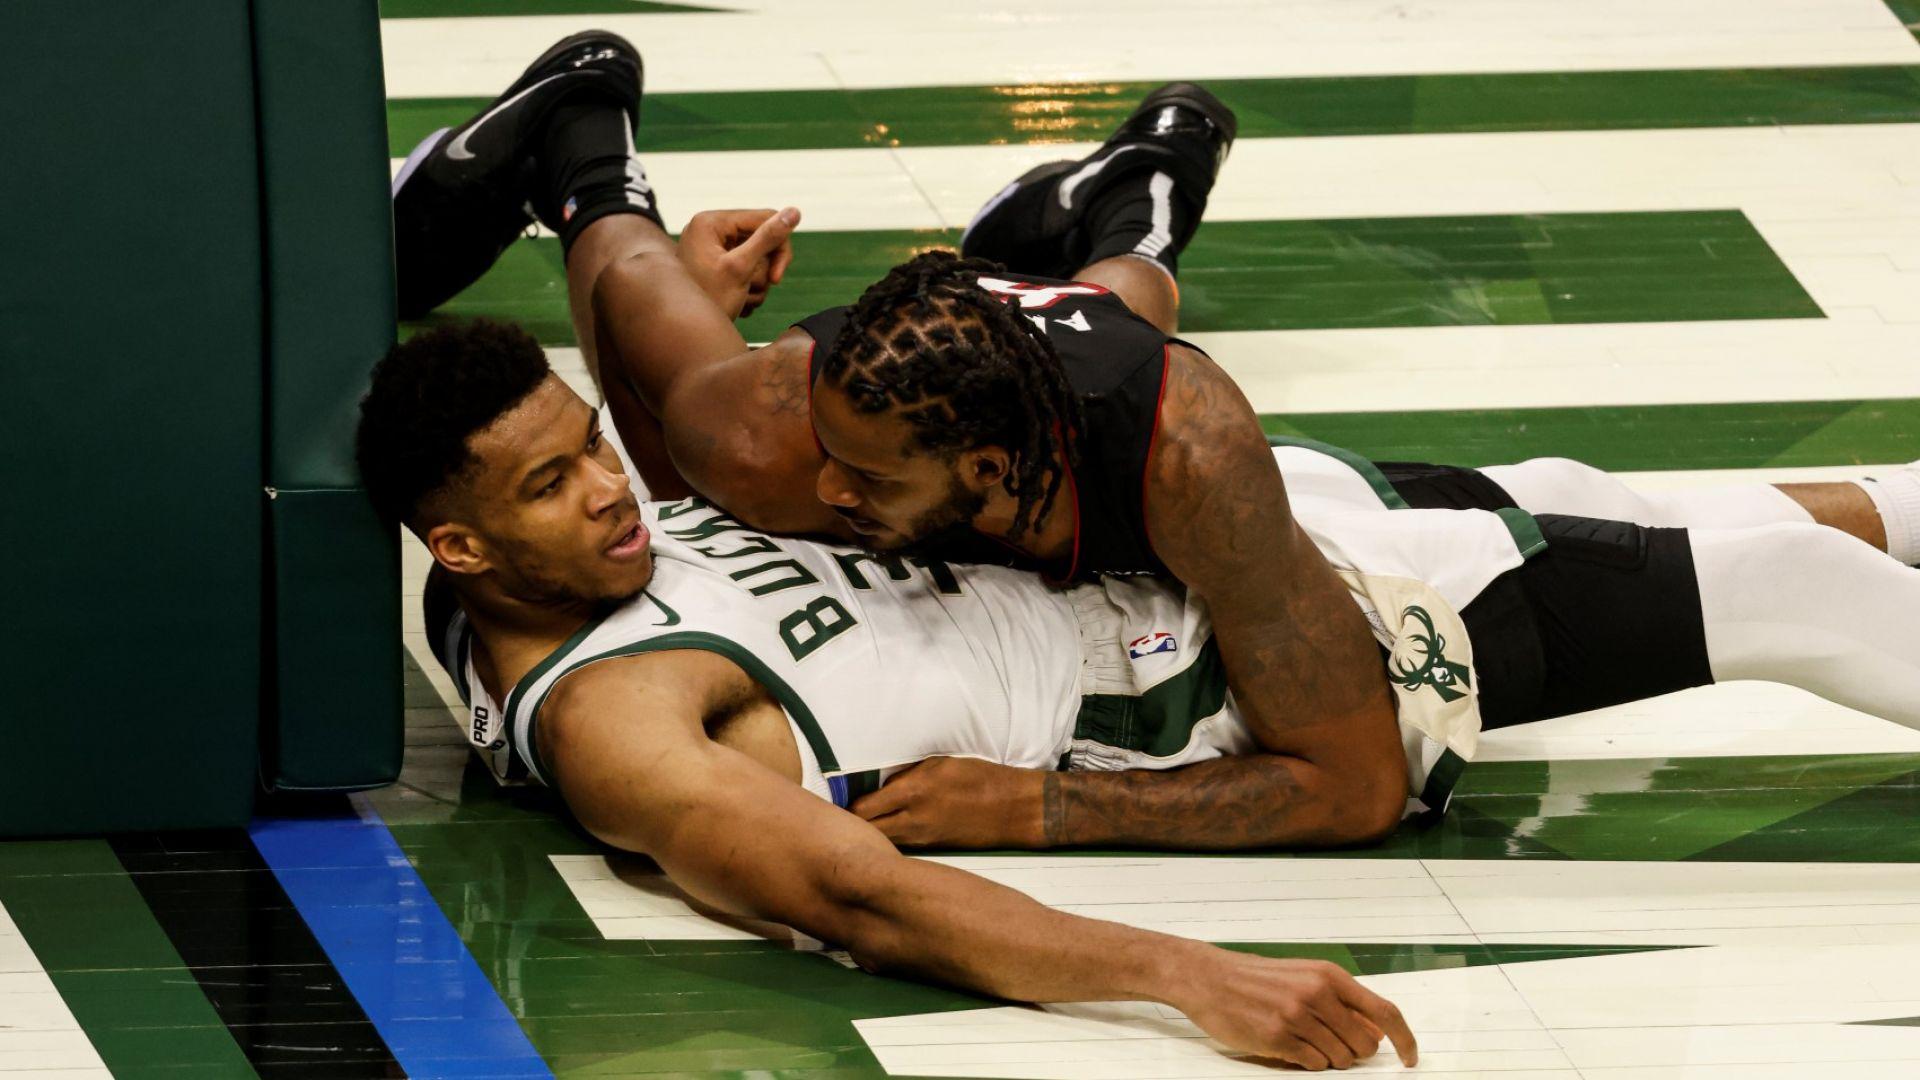 Милуоки разби финалиста в НБА с рекордна канонада от тройката